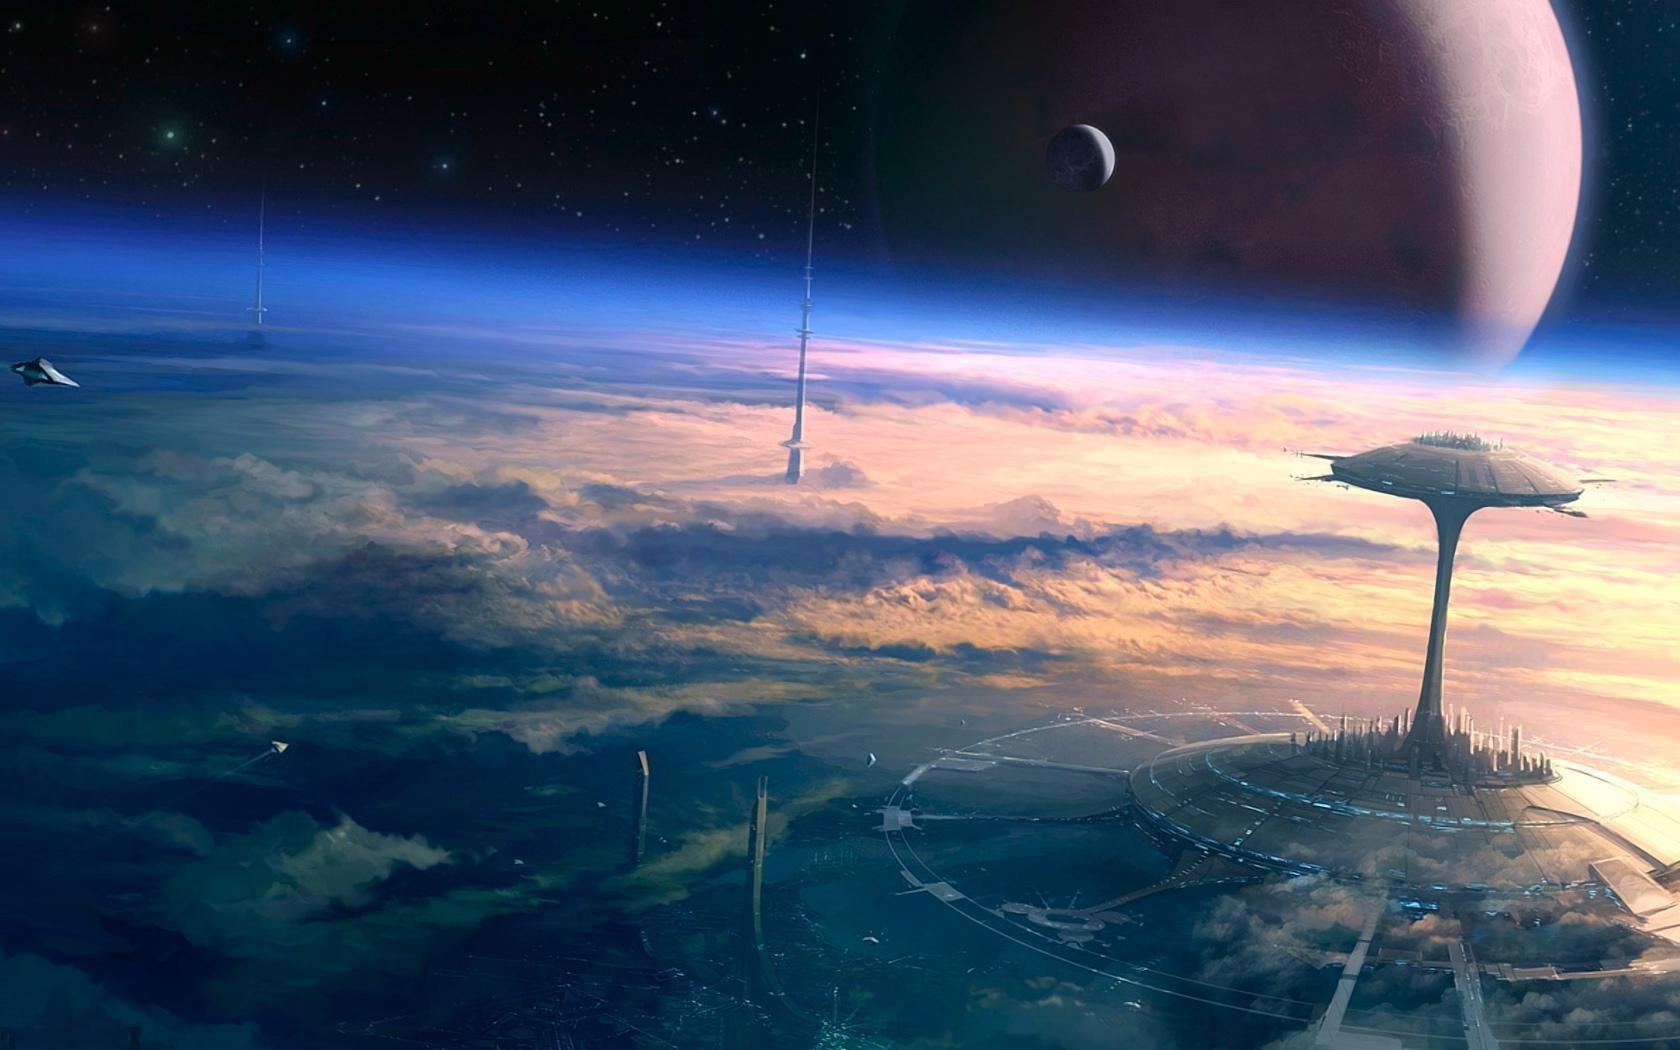 Земляне продолжают разработки из области научной фантастики